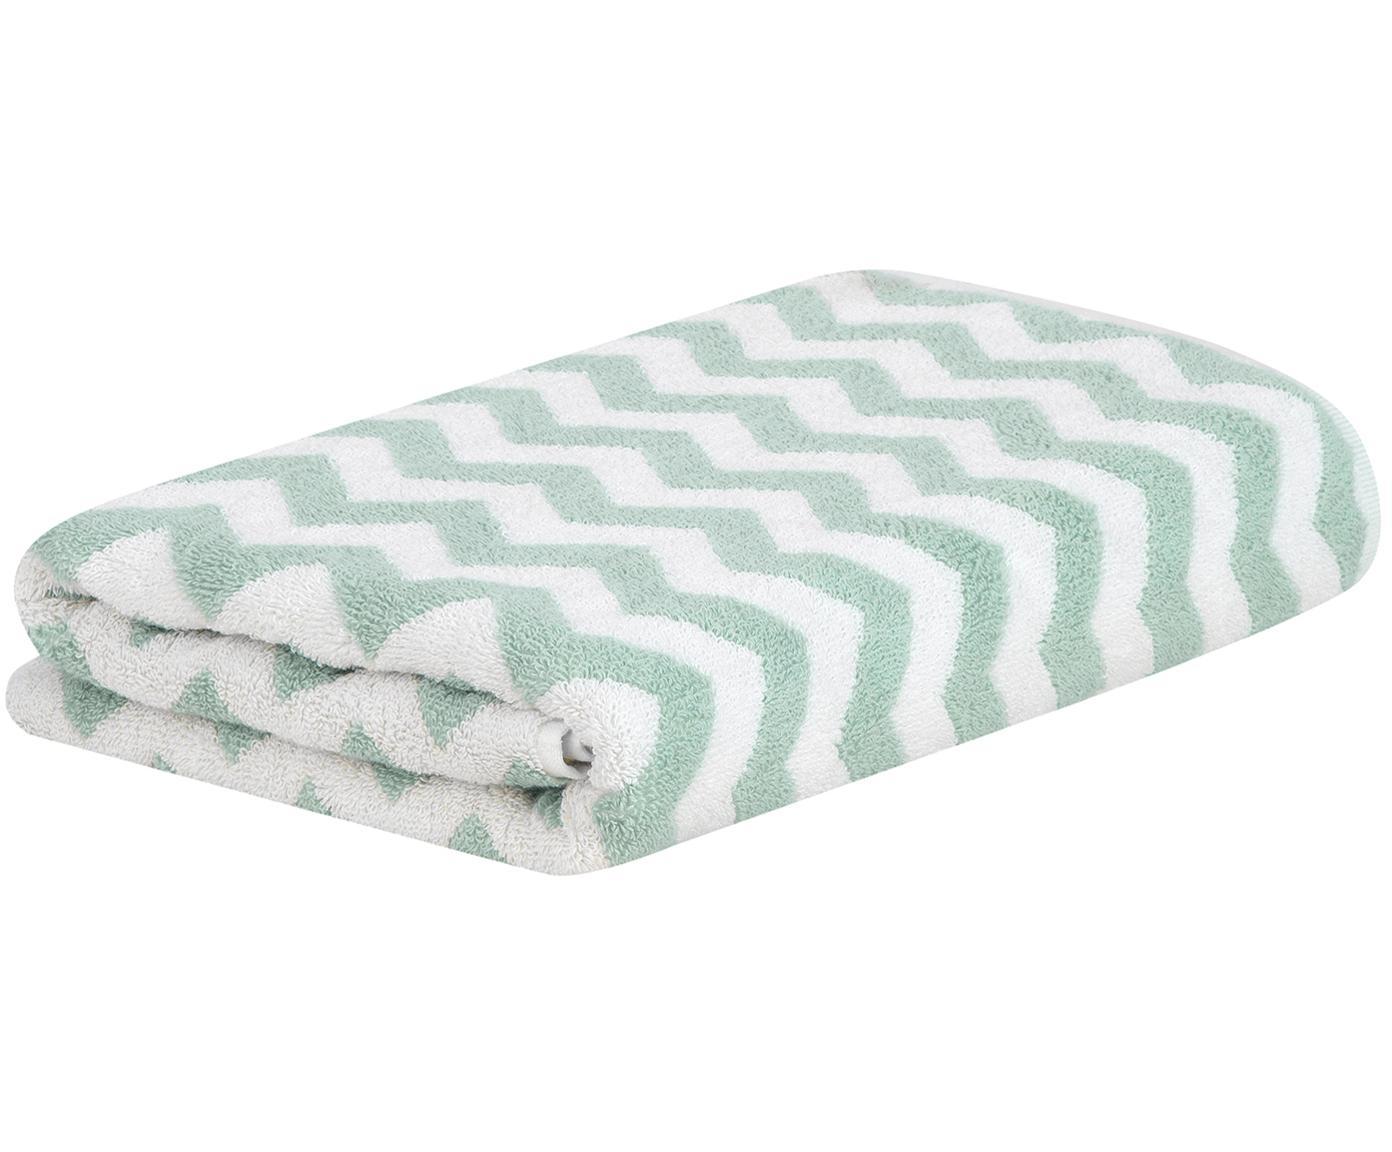 Handtuch Liv in verschiedenen Größen, mit Zickzack-Muster, Mintgrün, Handtuch